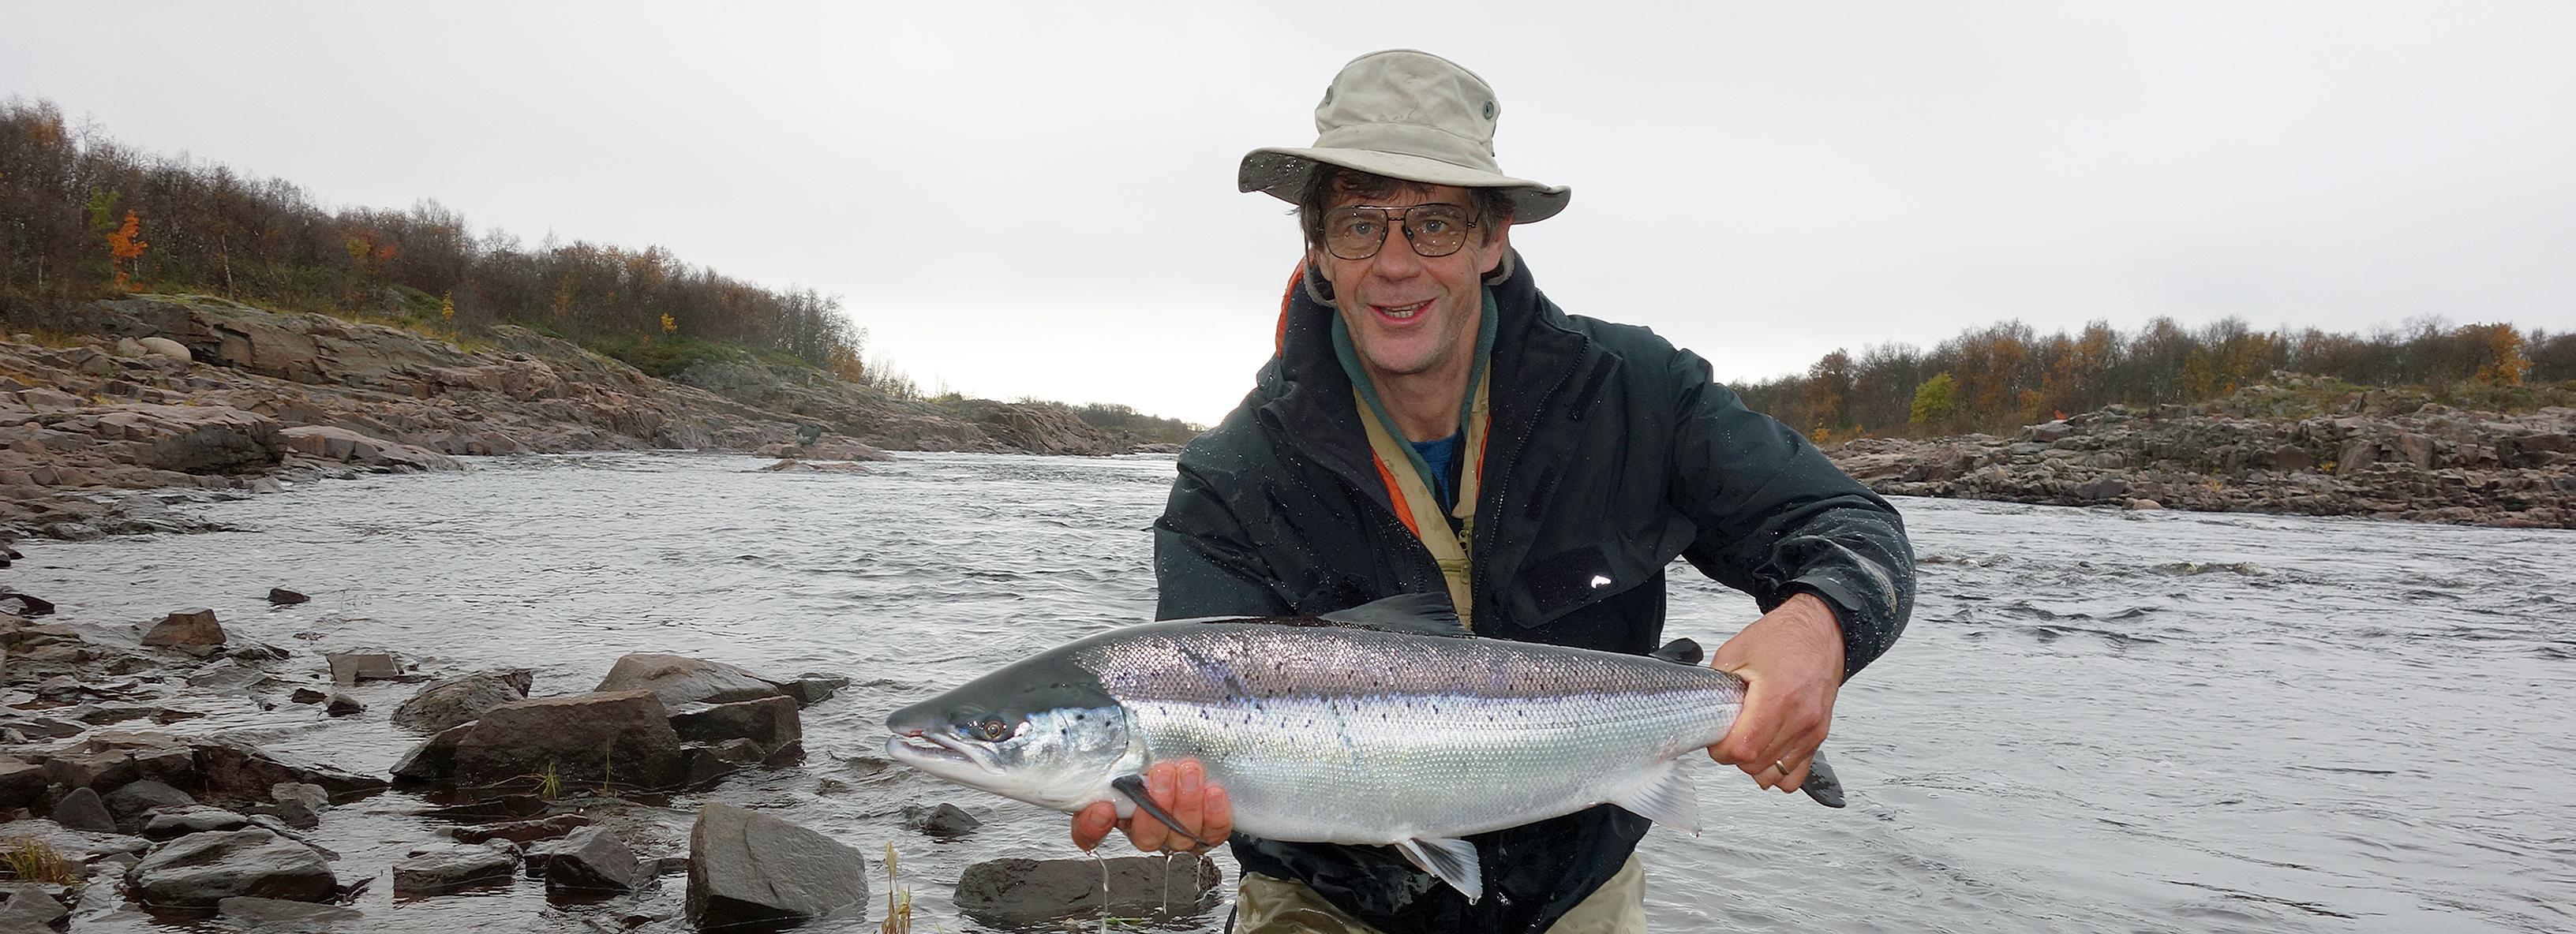 Chavanga fishing, salmon fishing